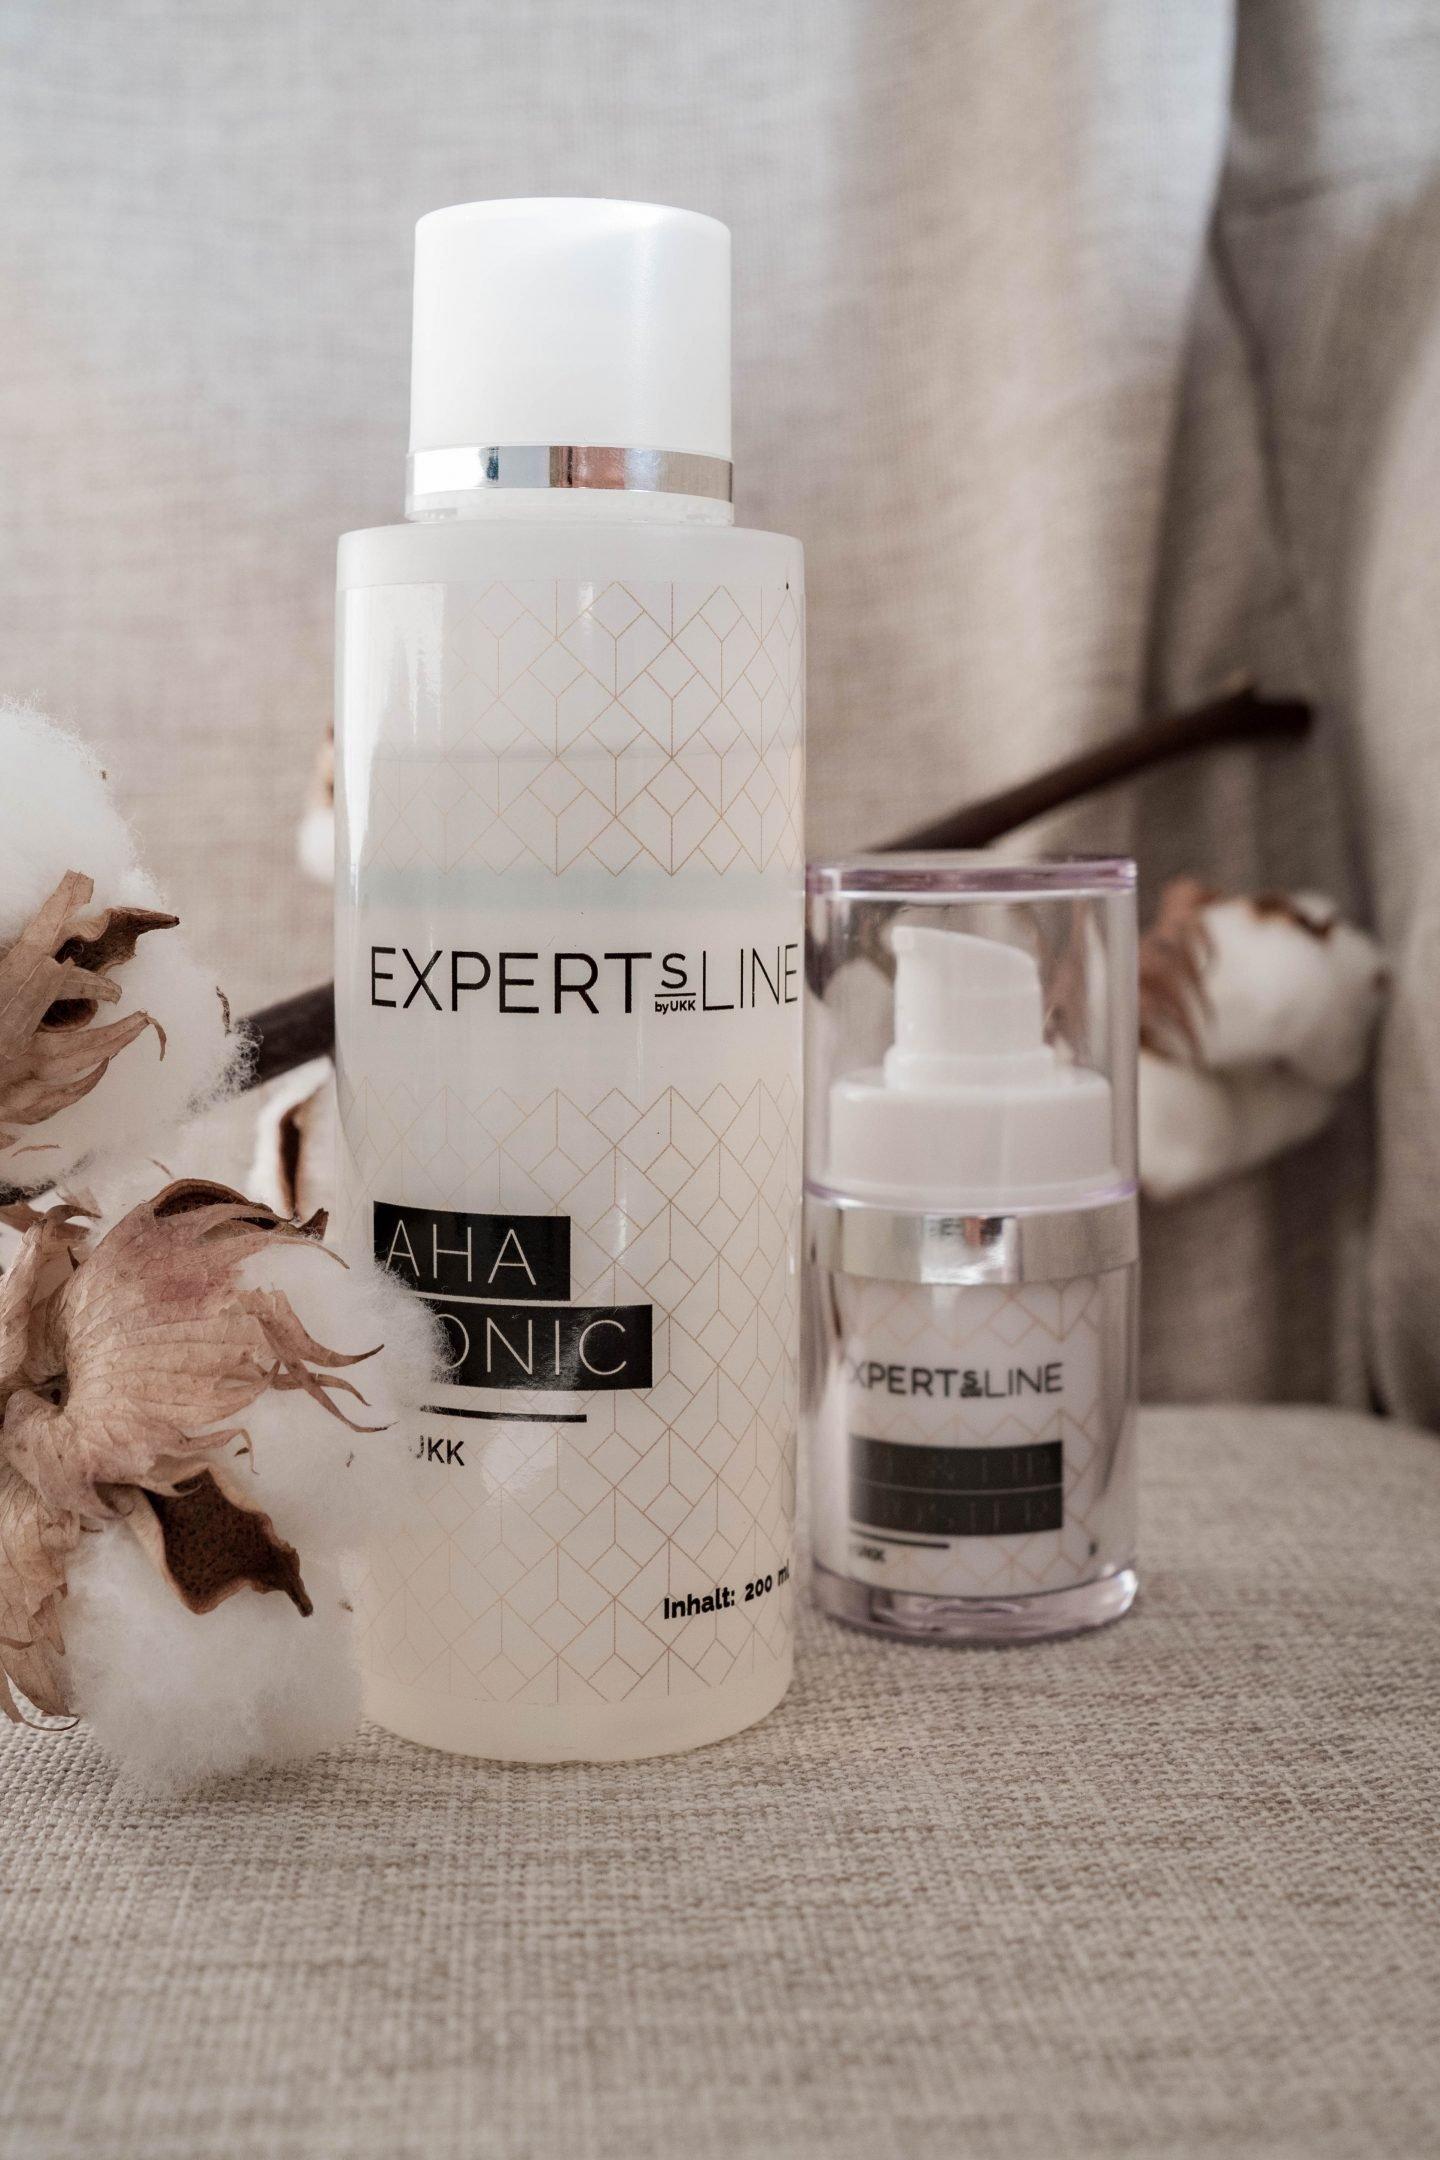 Beautyblog - AHA Serum - Veralice - beste Anti-Aging Produkte - beste Inhaltsstoffe - Hyaluron - AHA - Argireline - Beta Glucan - Nowshine